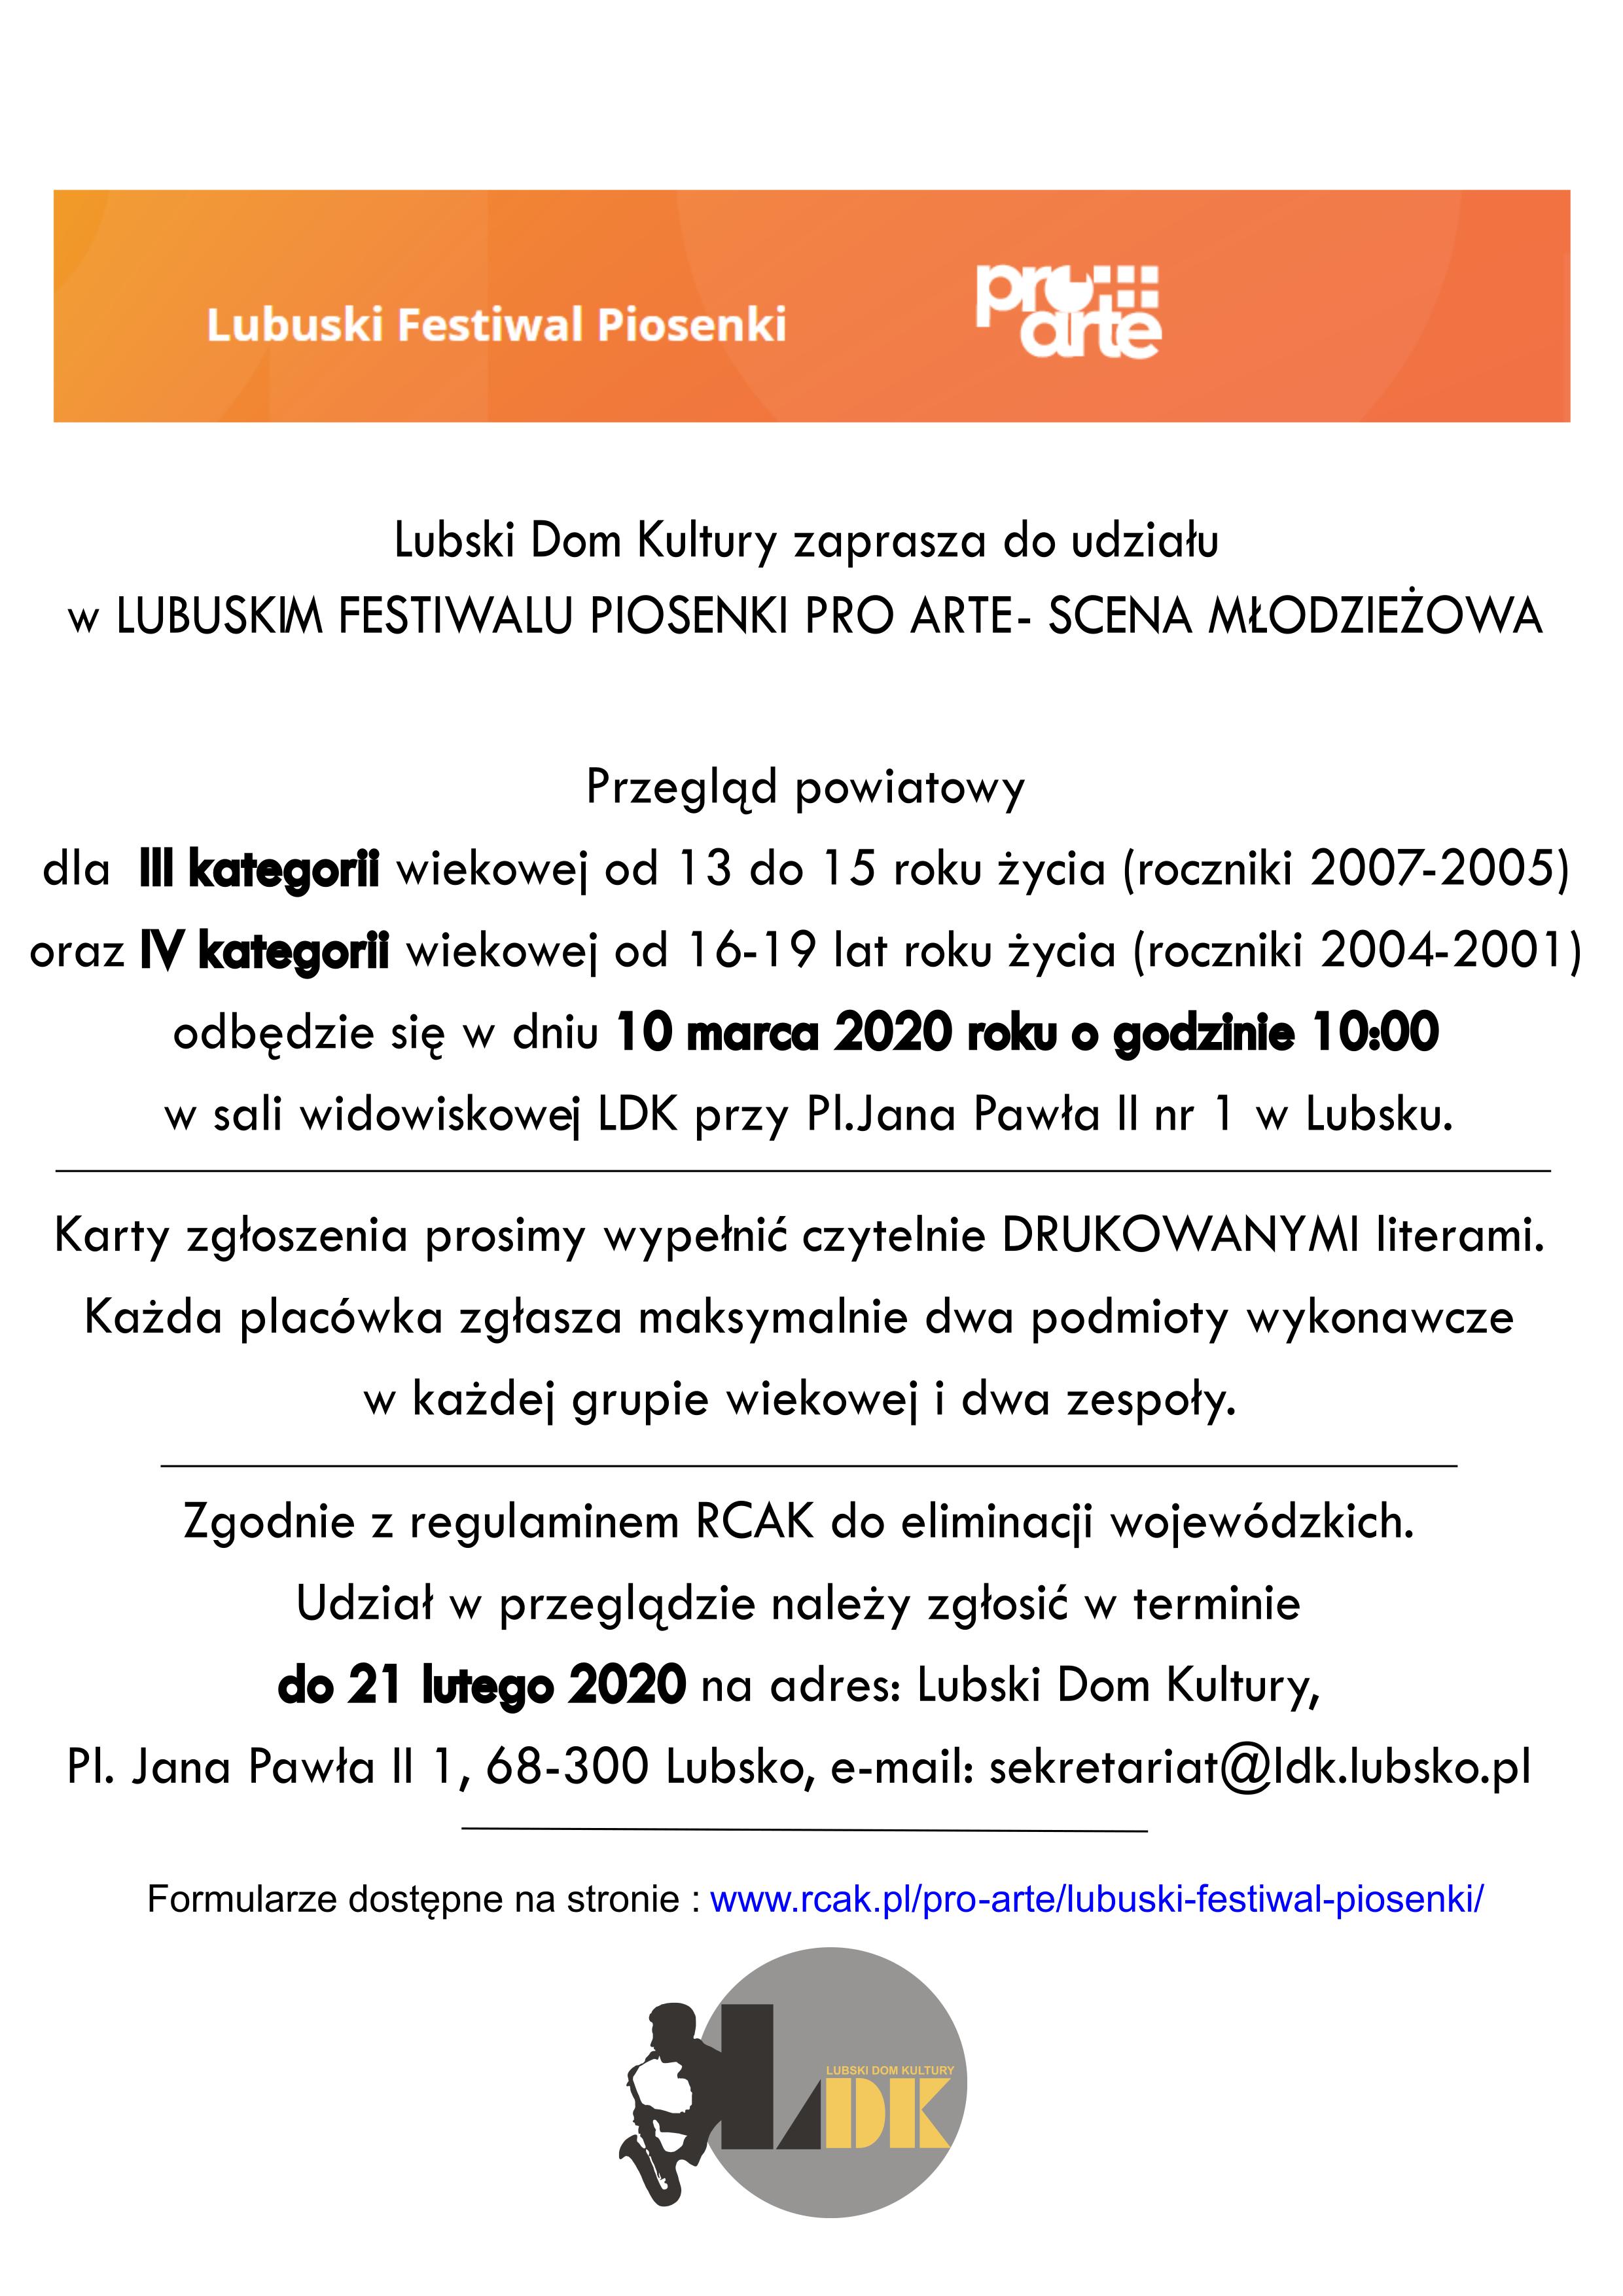 Ilustracja do informacji: Lubuski Festiwal Piosenki - przegląd powiatowy